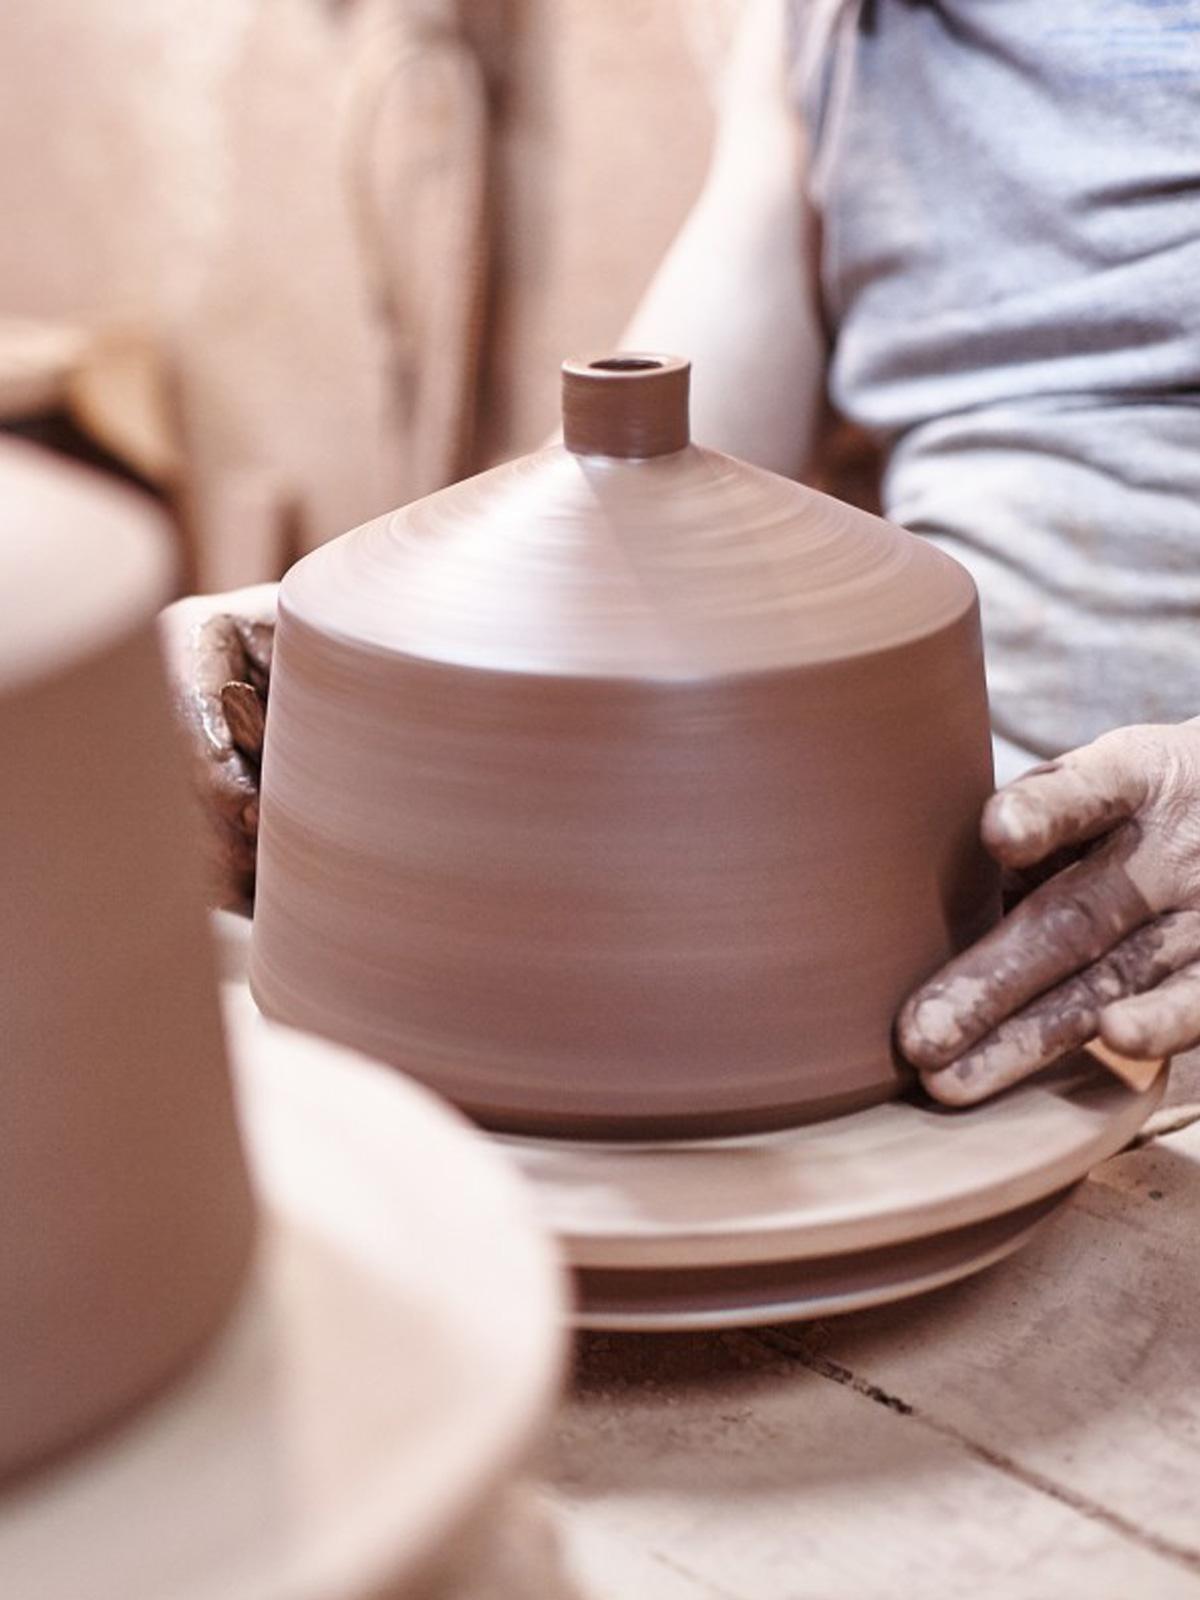 DesigOrt Blog: Designerleuchten aus Keramik Pottery project Pott Keramik Leuchte Flame 28